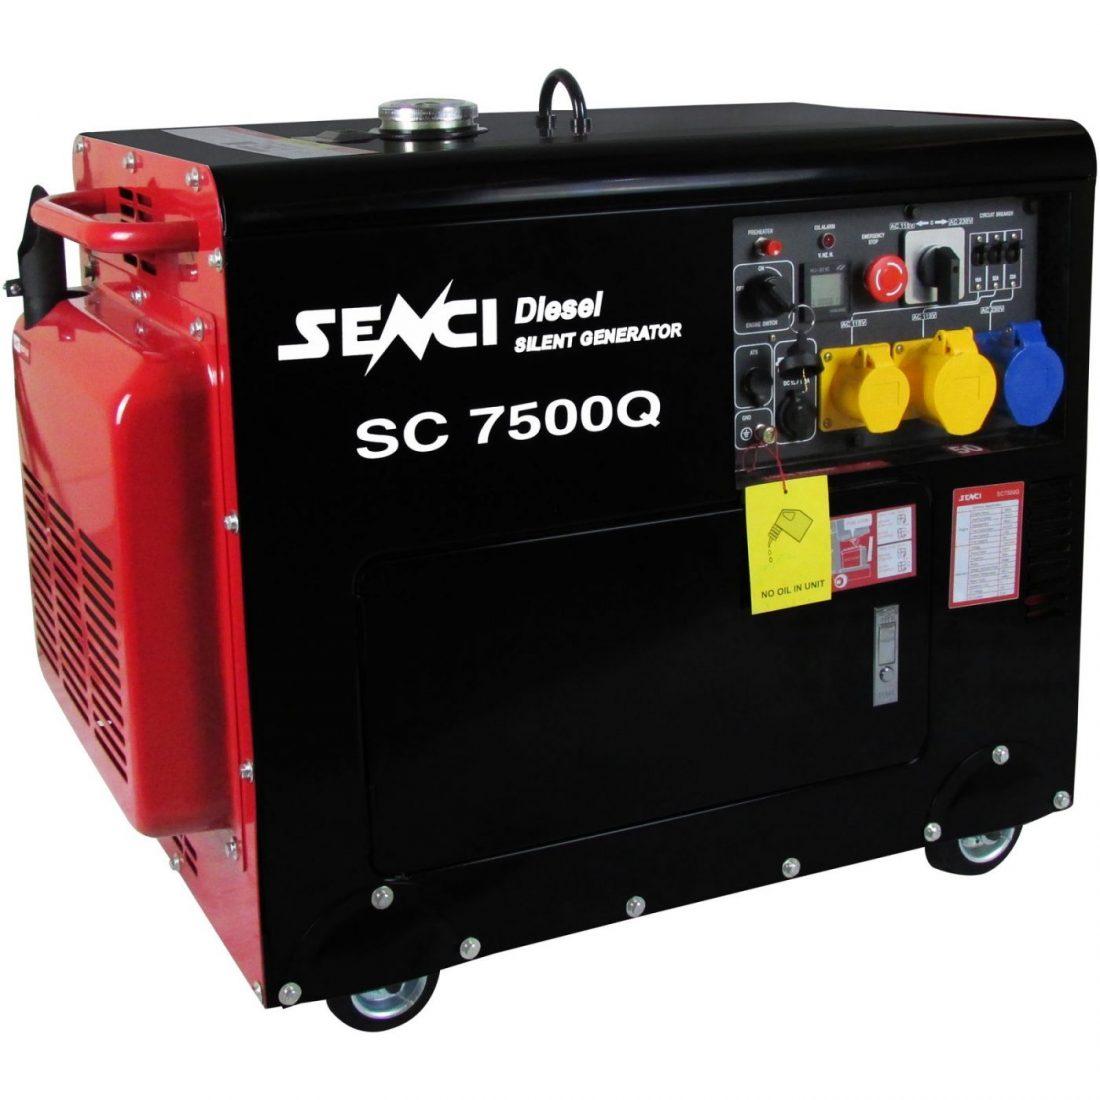 Senci SC7500Q diesel generator